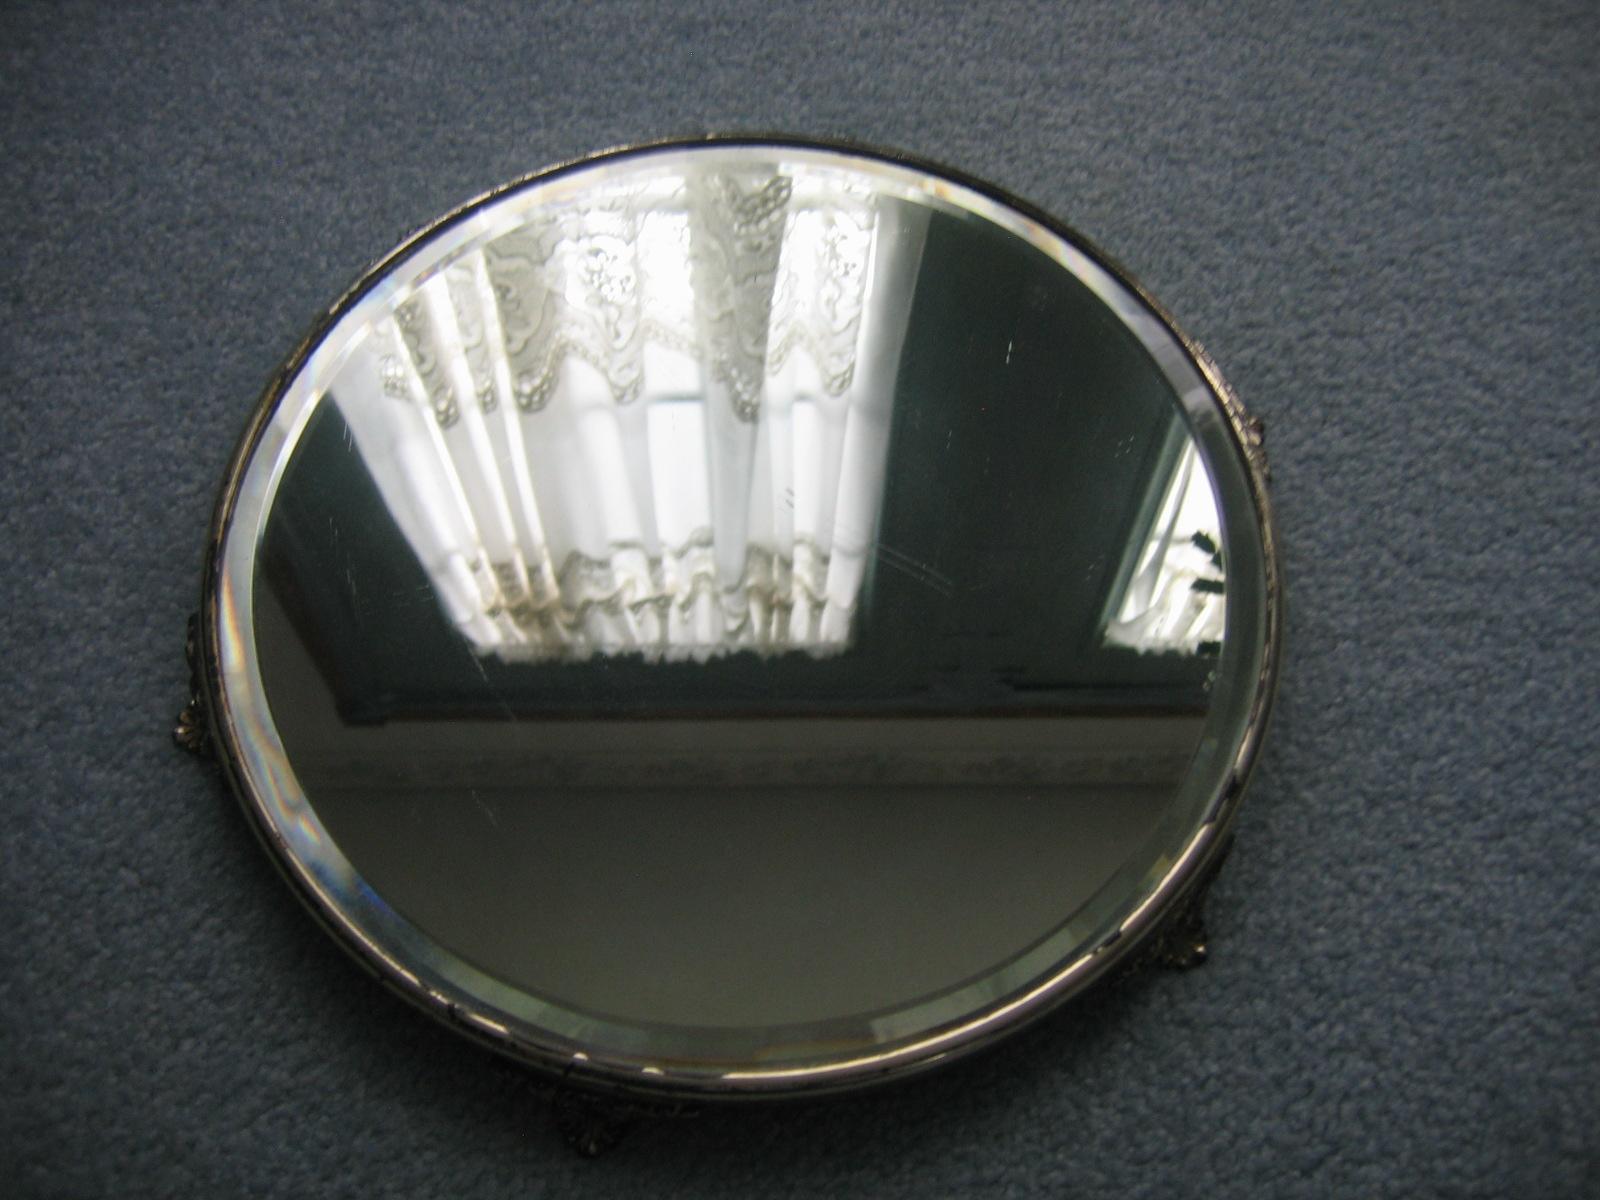 vintage beveled glass vanity dresser mirror item 836 for sale classifieds. Black Bedroom Furniture Sets. Home Design Ideas